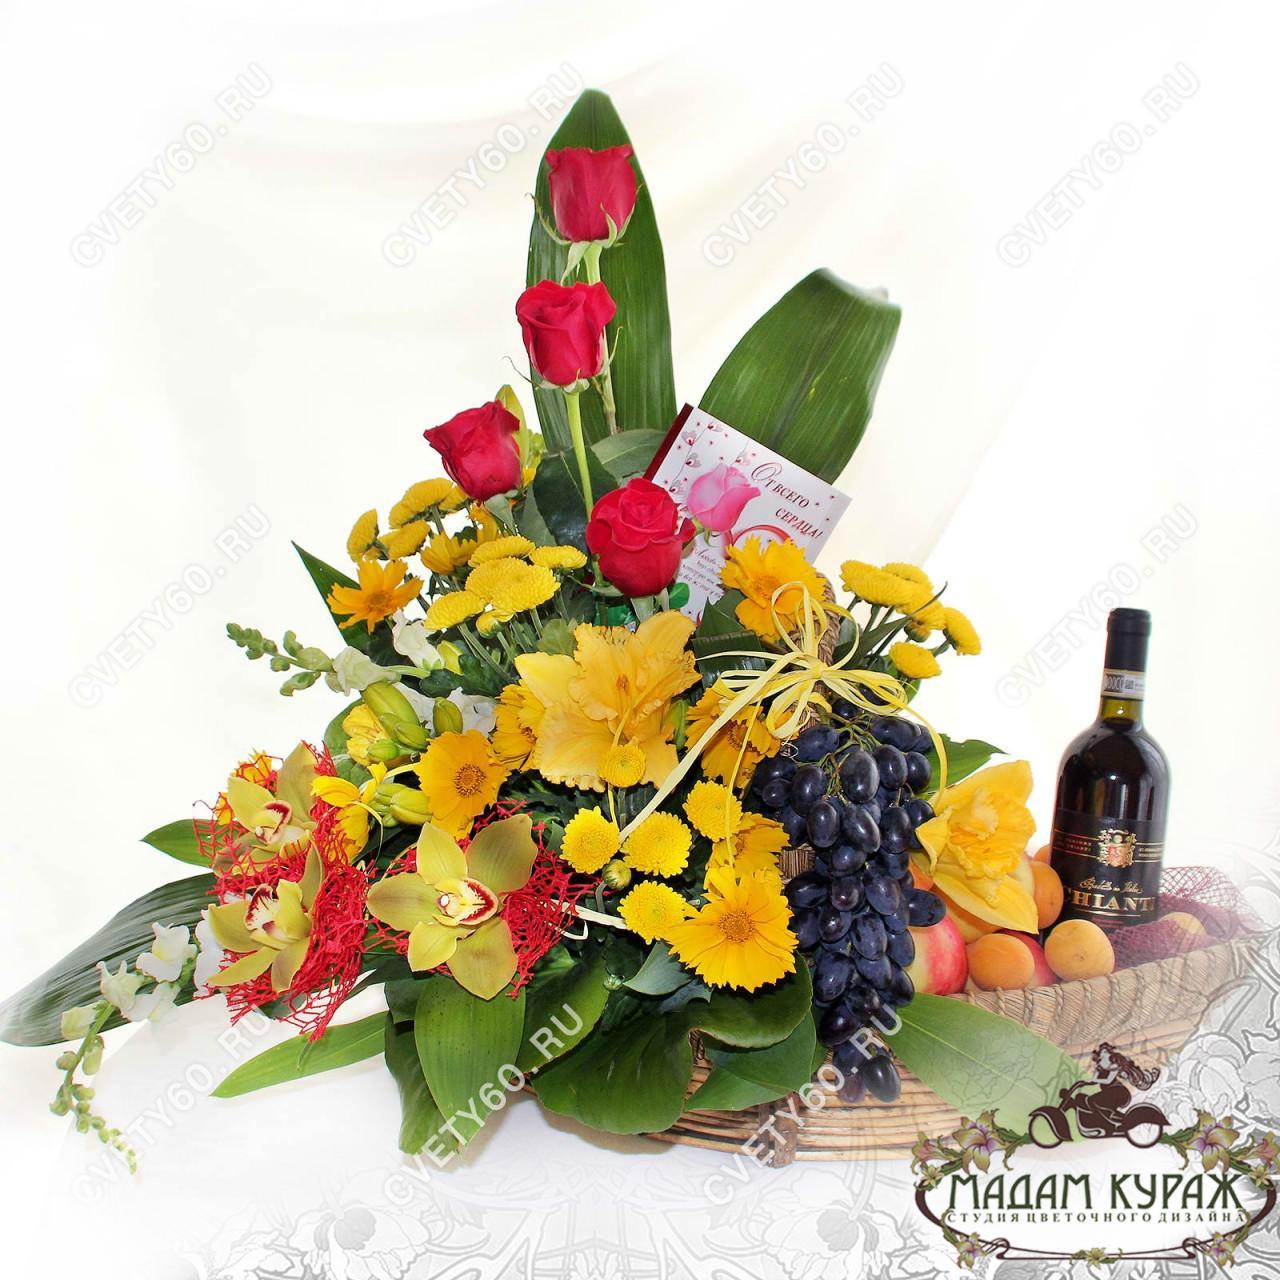 Роскошная корзина в подарок на юбилей в Пскове